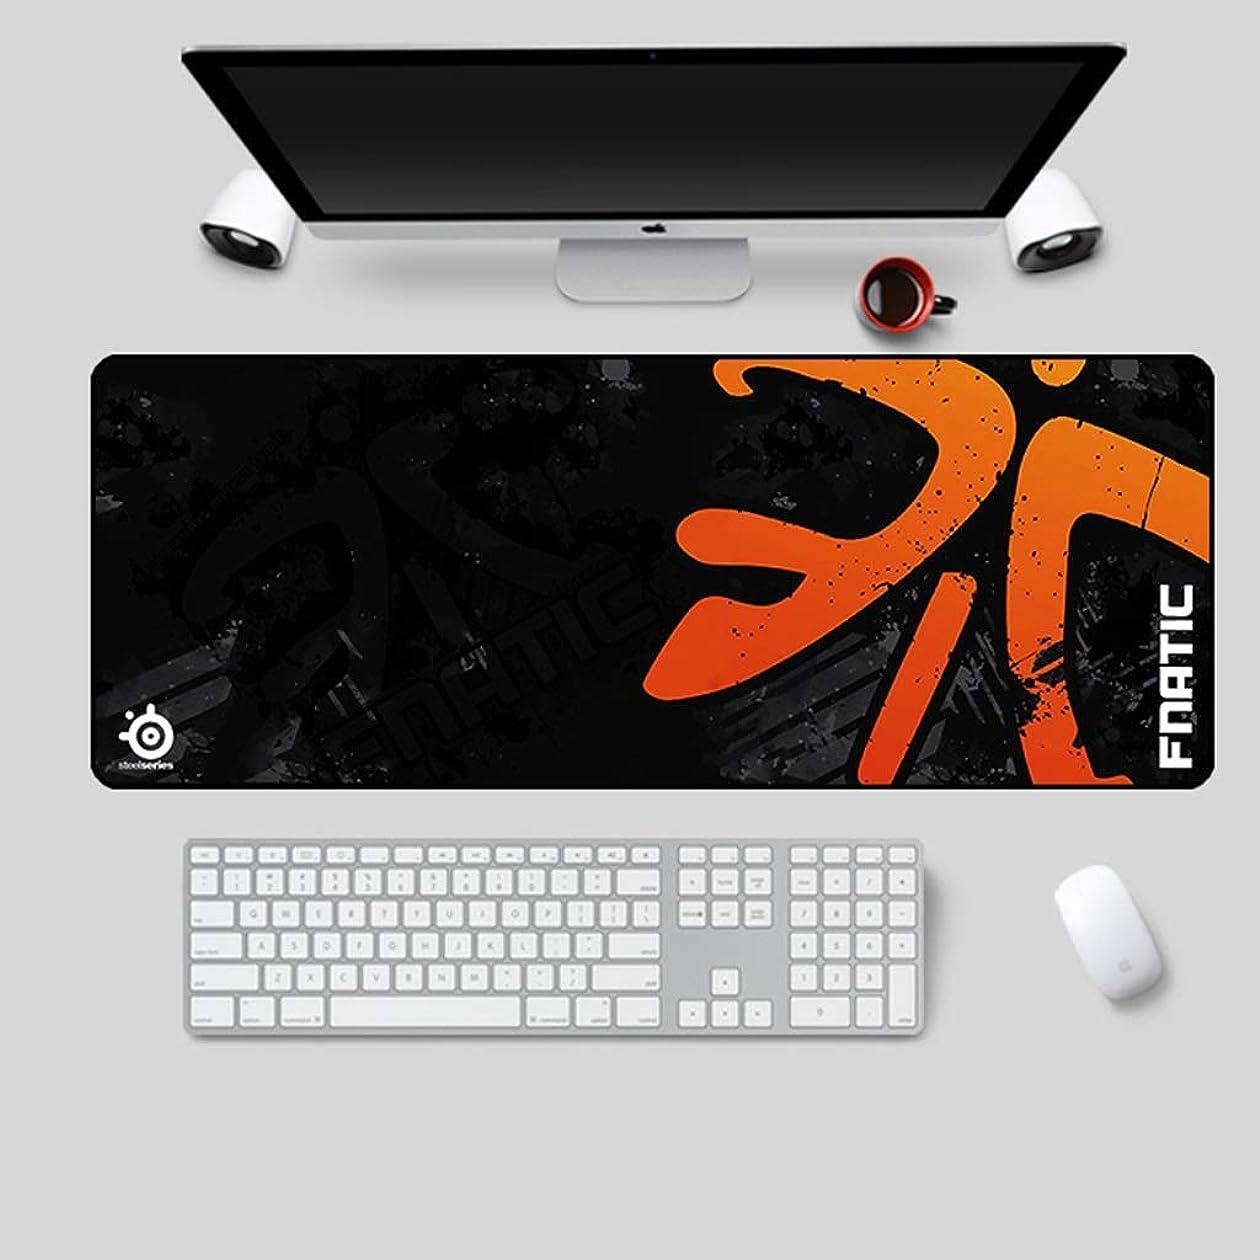 欺放射能しなやかな大型パッド入りゲーミングマウスパッド多機能滑り止めデスクトップキーボードパッド防水デザイン耐摩耗性ステッチエッジ落ちにくい JSFQ (Color : D)